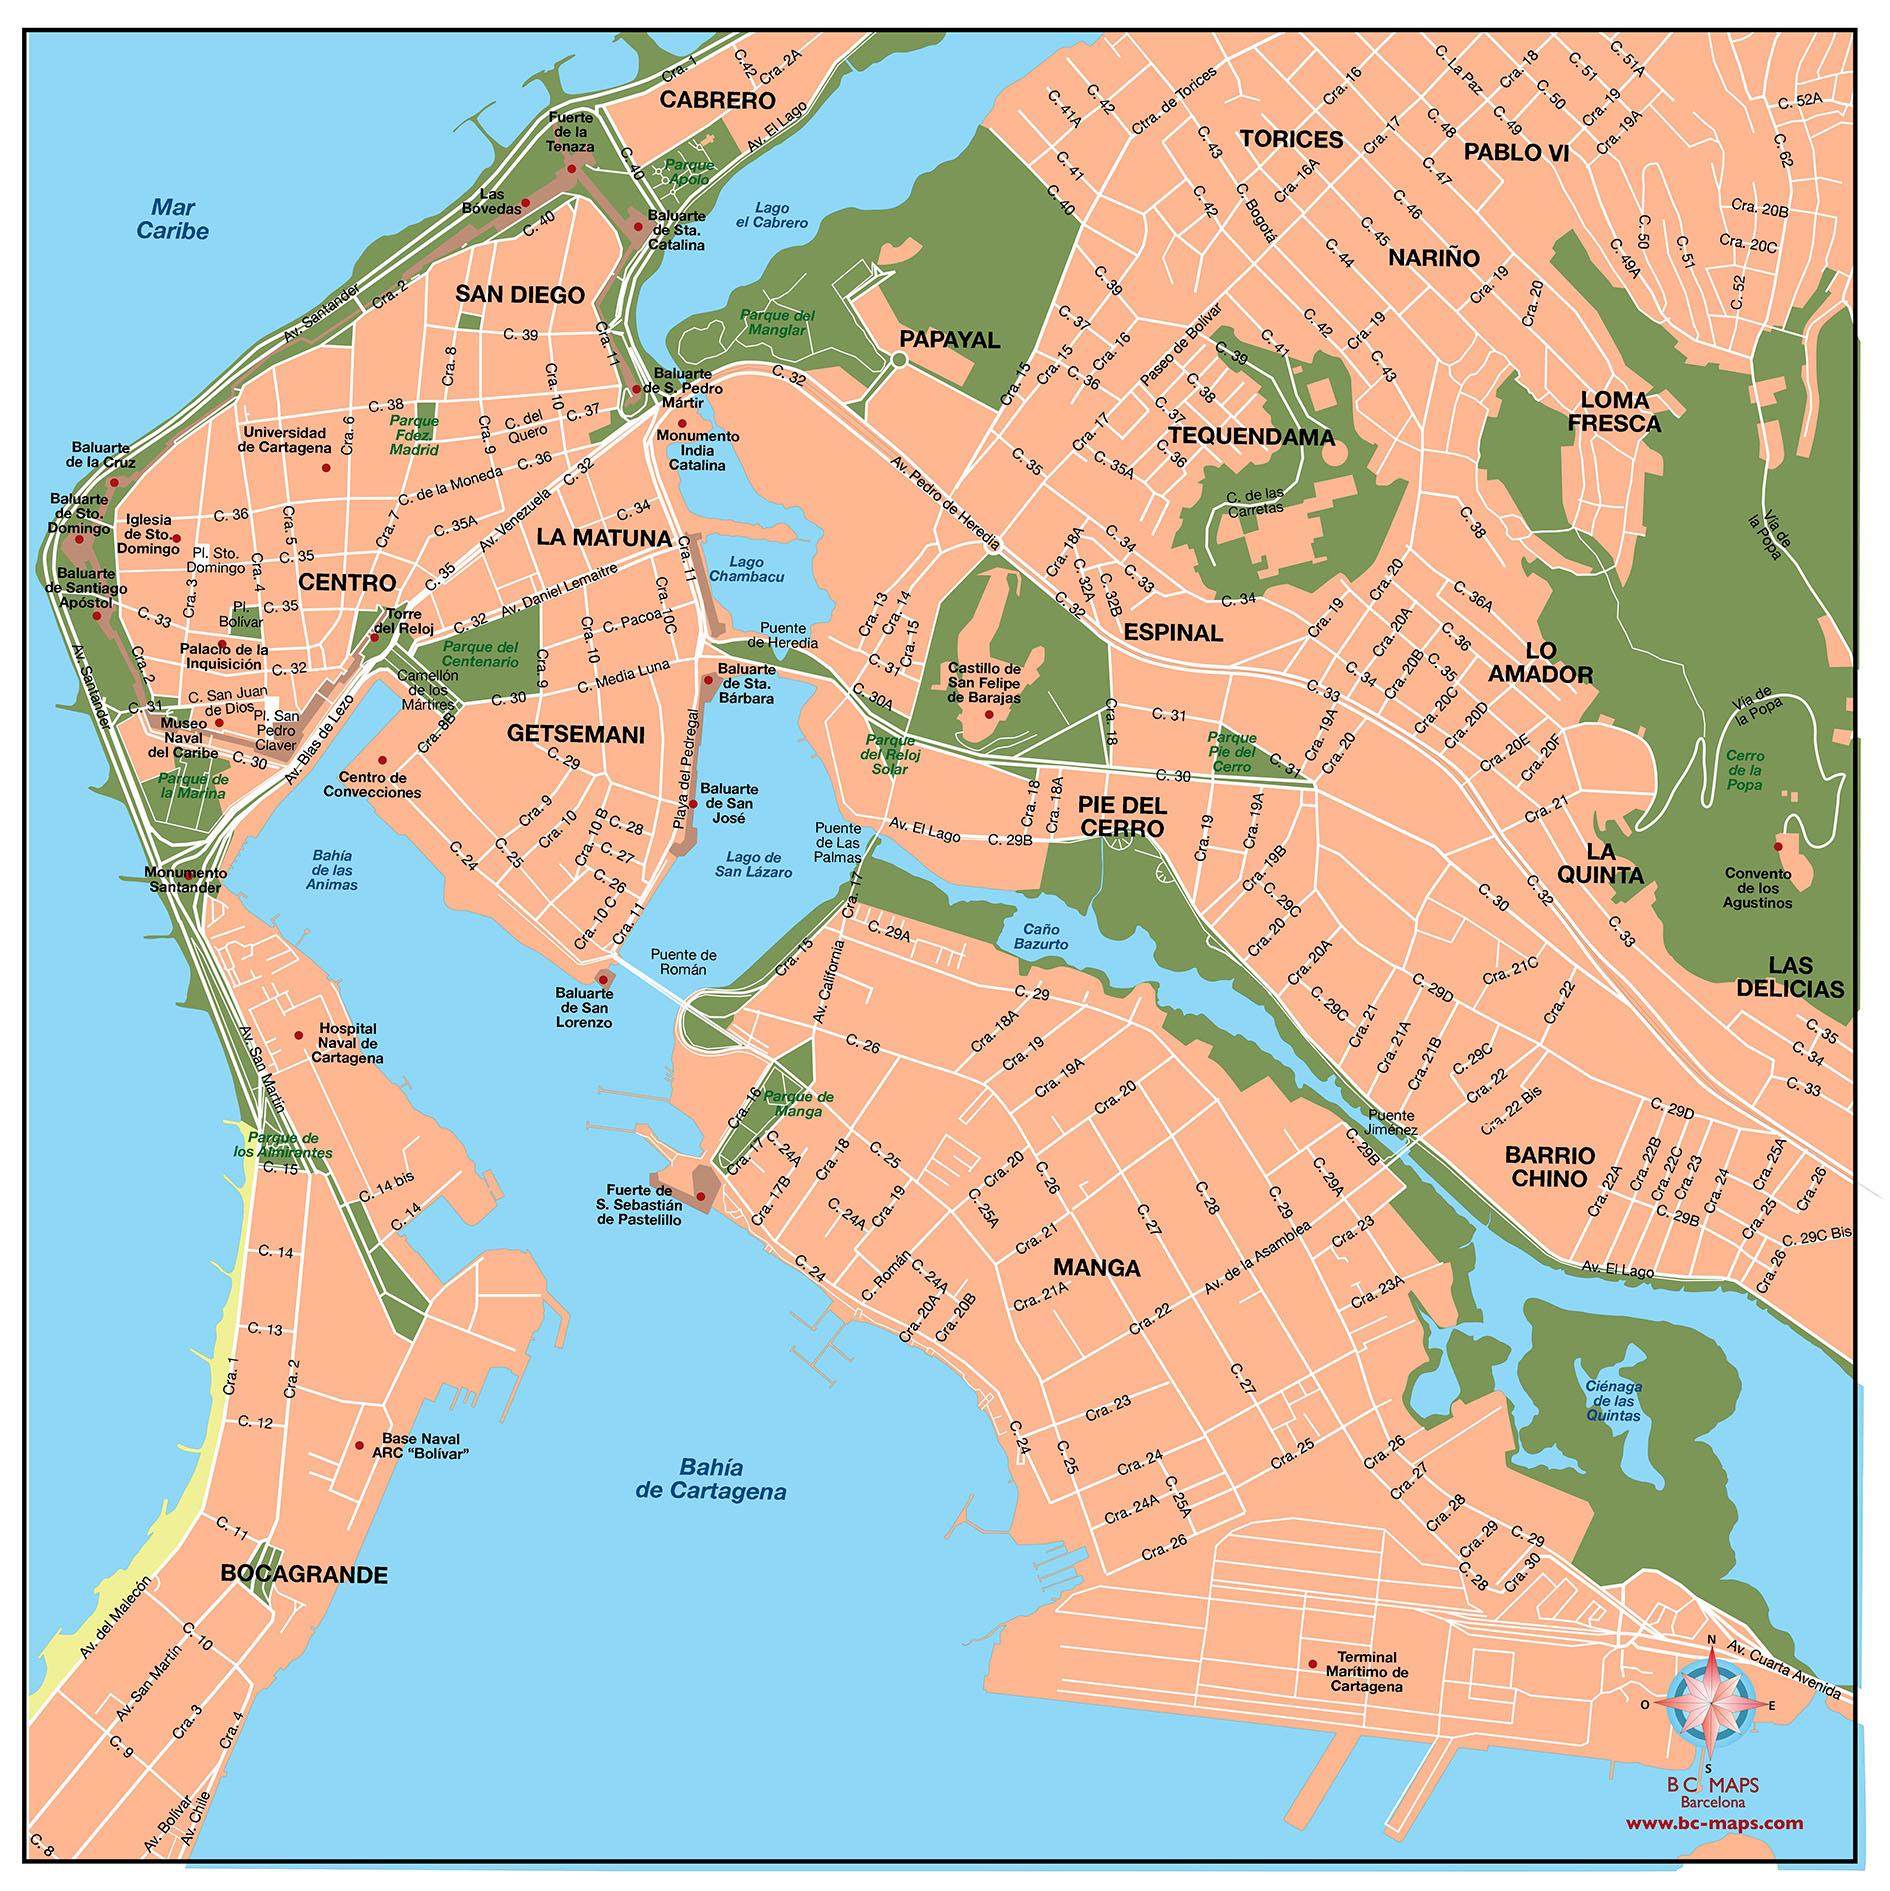 Cartagena De Indias Mapa Vectorial Editable Eps Illustrator